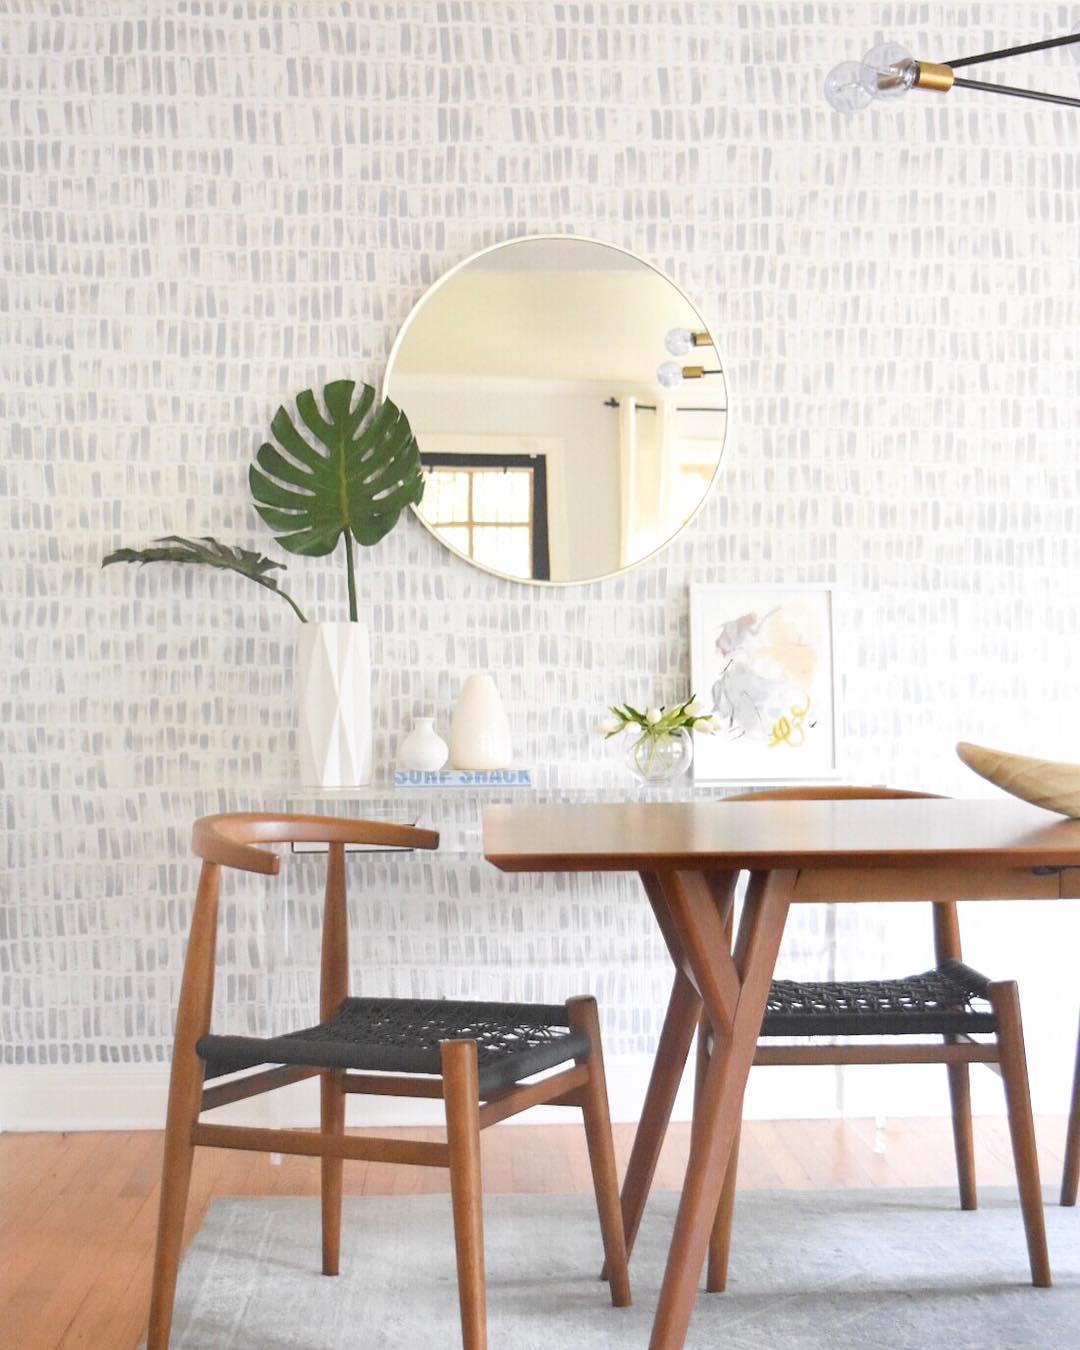 10 Inspiring Mid-Century Dining Room Ideas_2